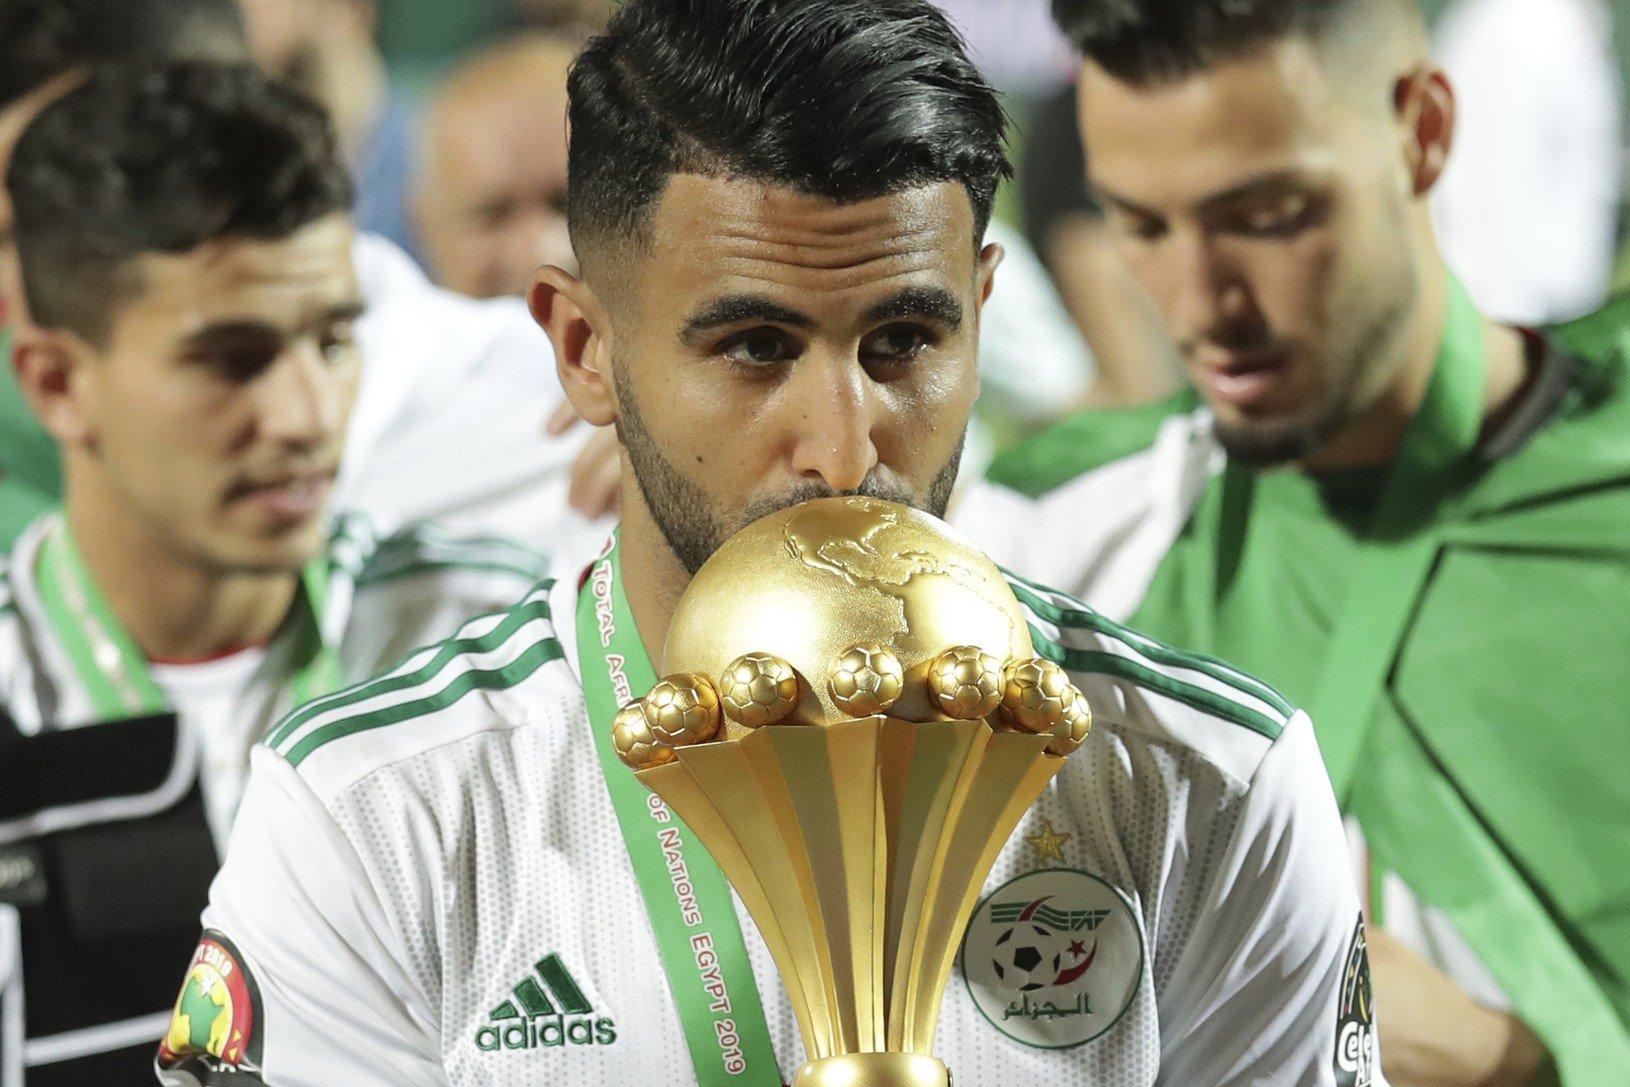 Na snímke kapitán alžírskej